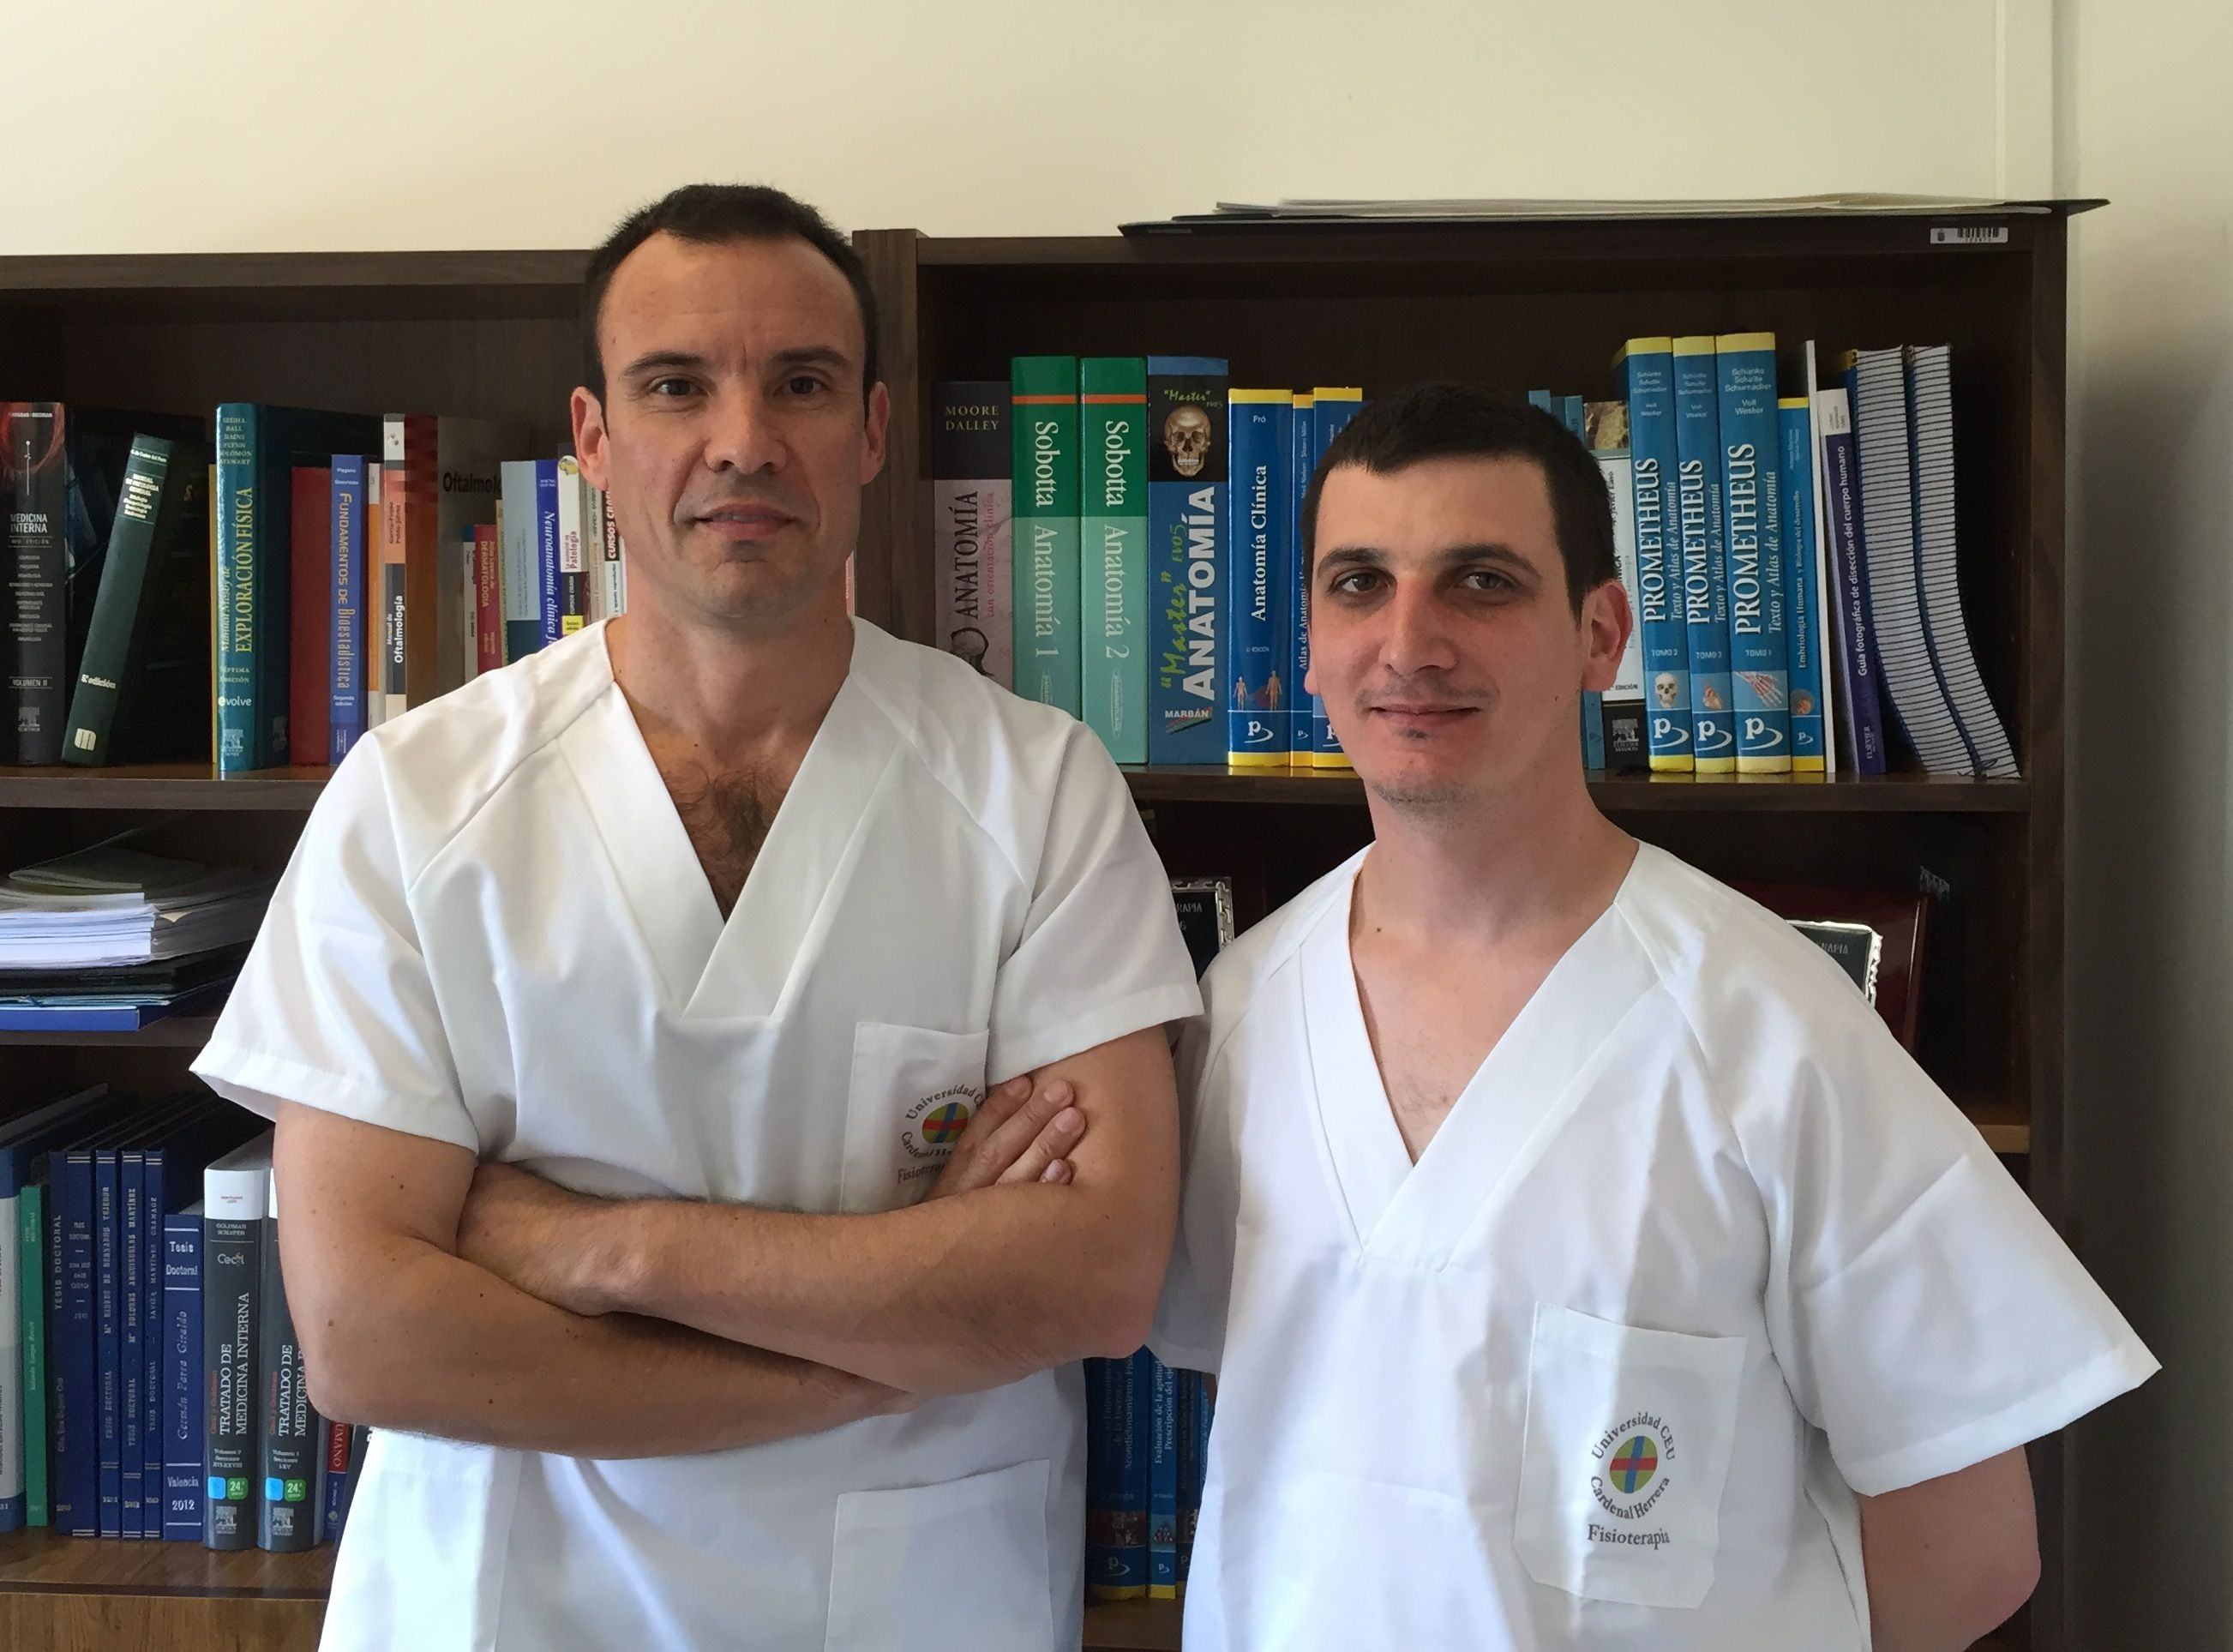 El vicedecano de Medicine, Juan Francisco Lisón, y el profesor de Fisioterapia de la CEU-UCH Pablo Salvador han liderado el estudio.